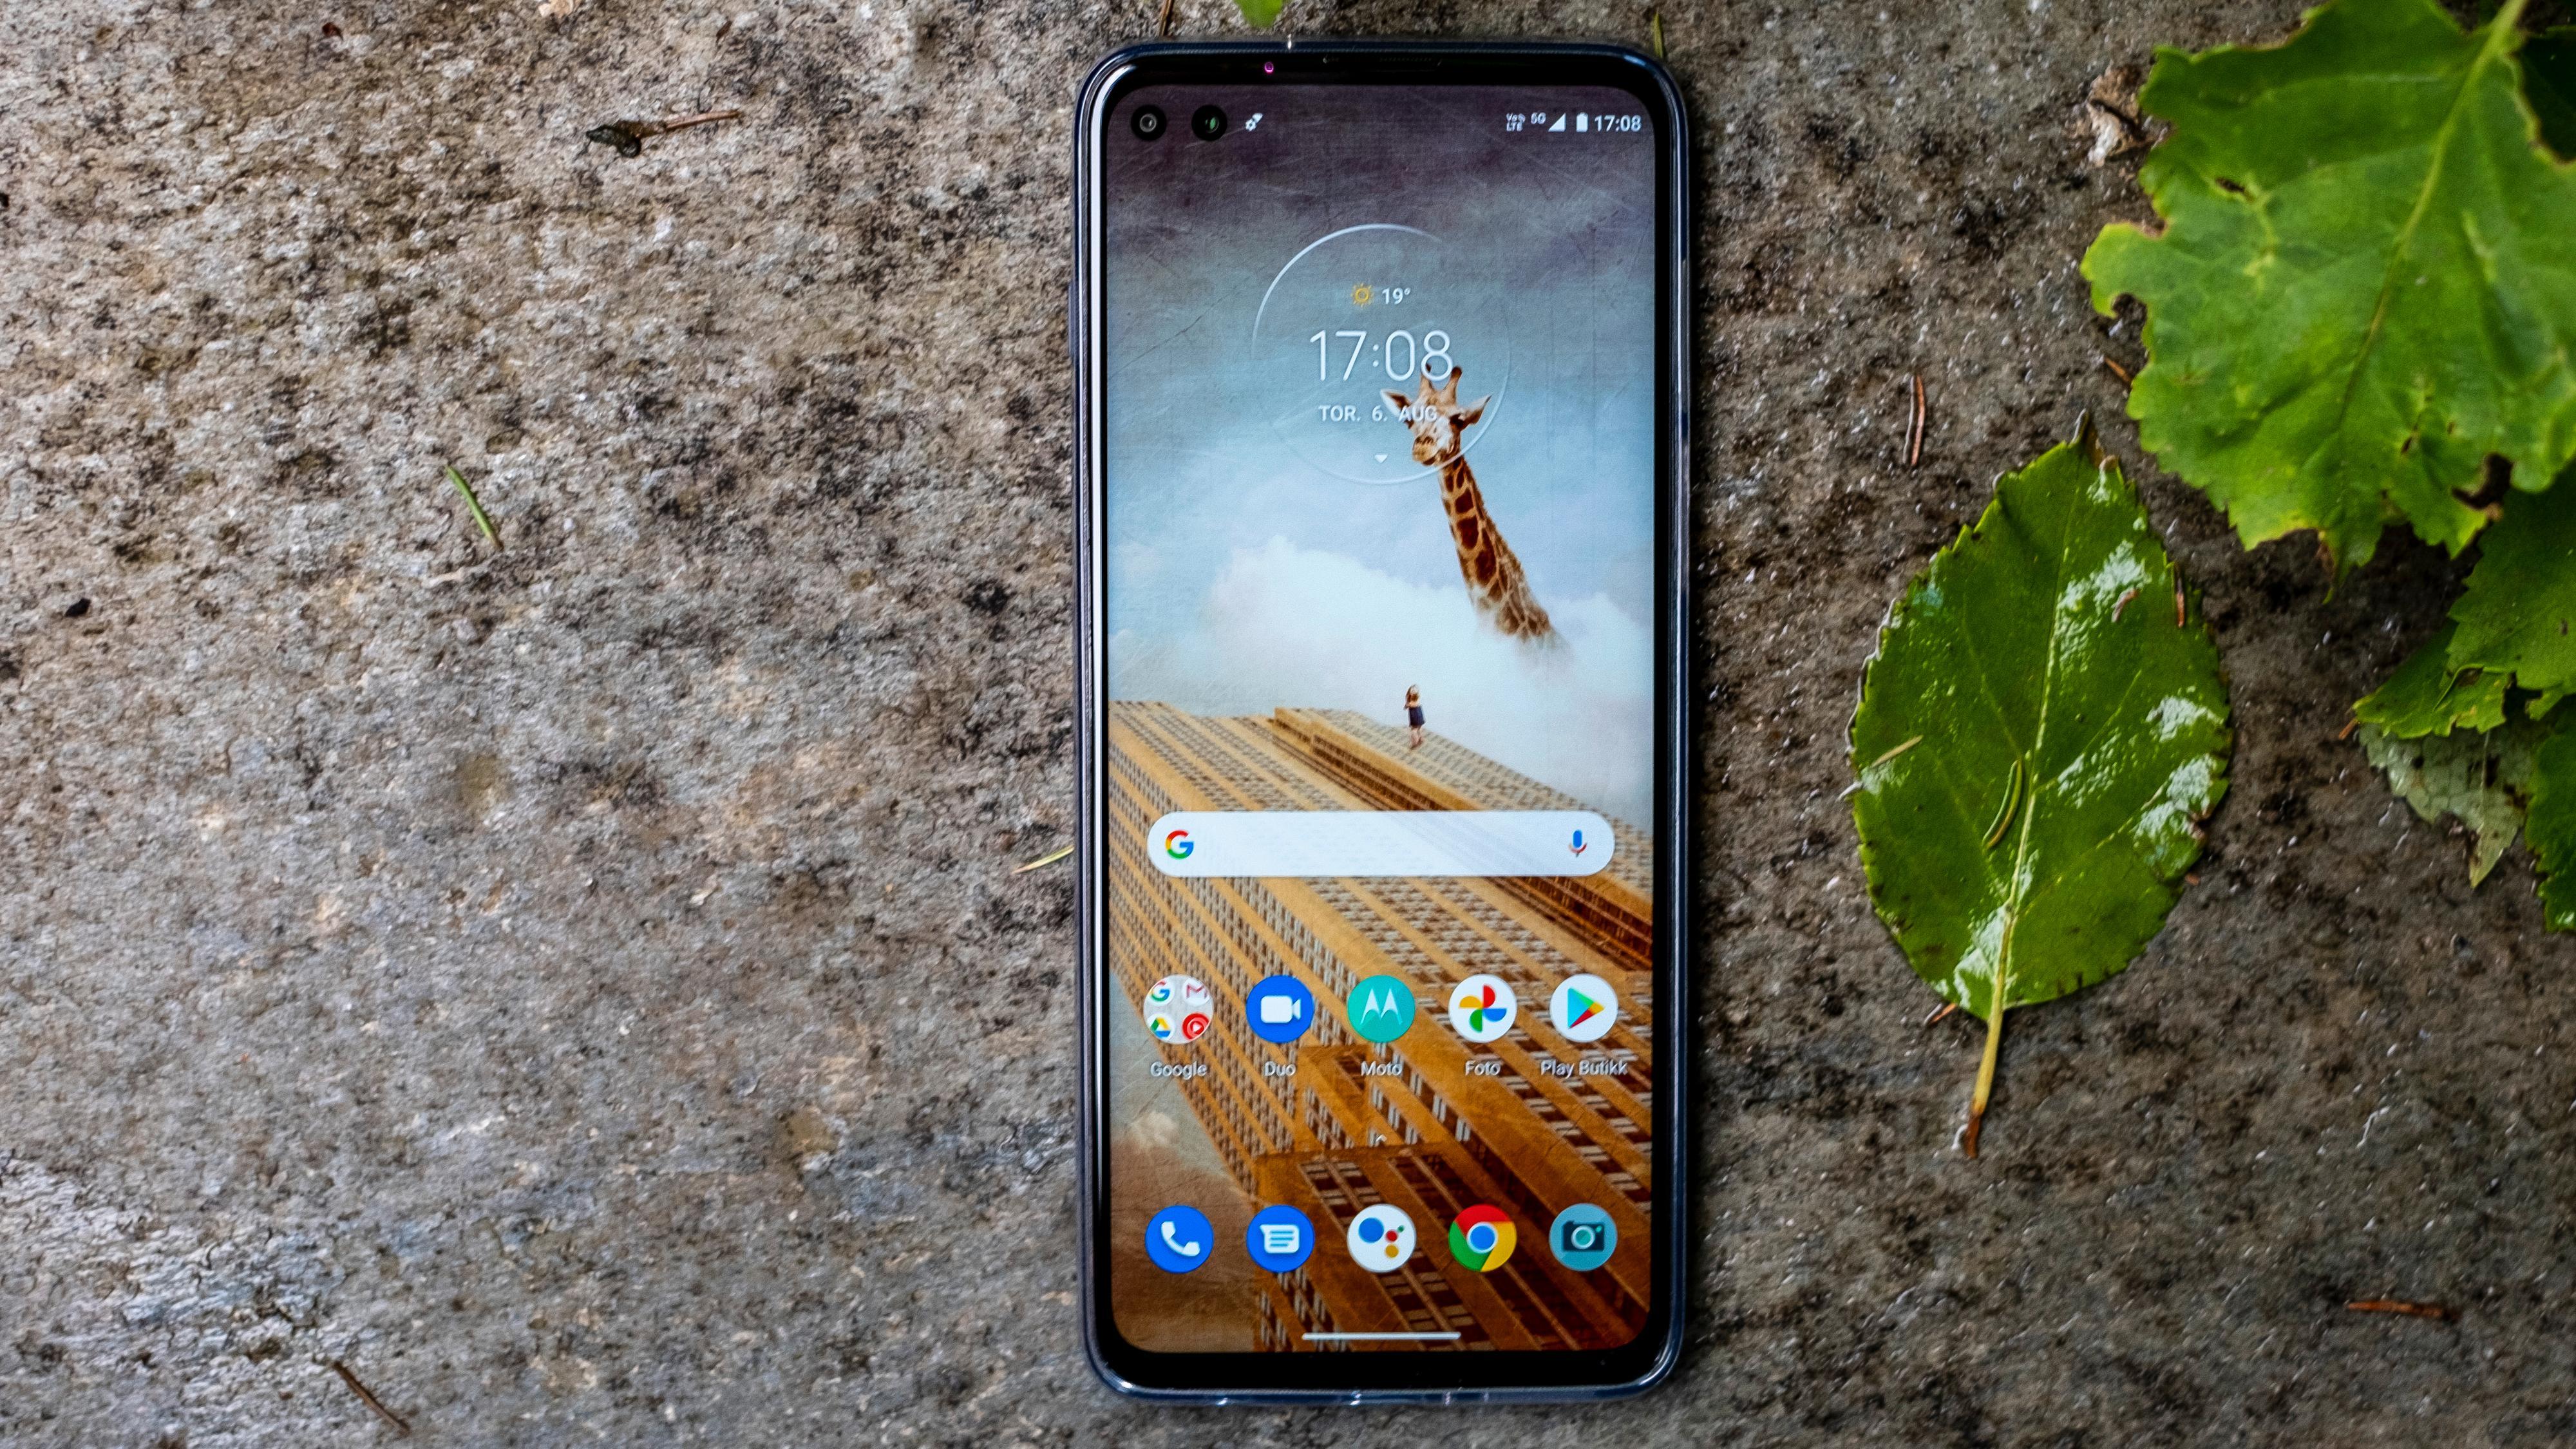 Moto G 5G Plus er en flott telefon med få store ulemper. Men sommeren 2020 heter erkefienden OnePlus Nord, og koster nesten det samme. Kan Moto hamle opp med OnePlus?